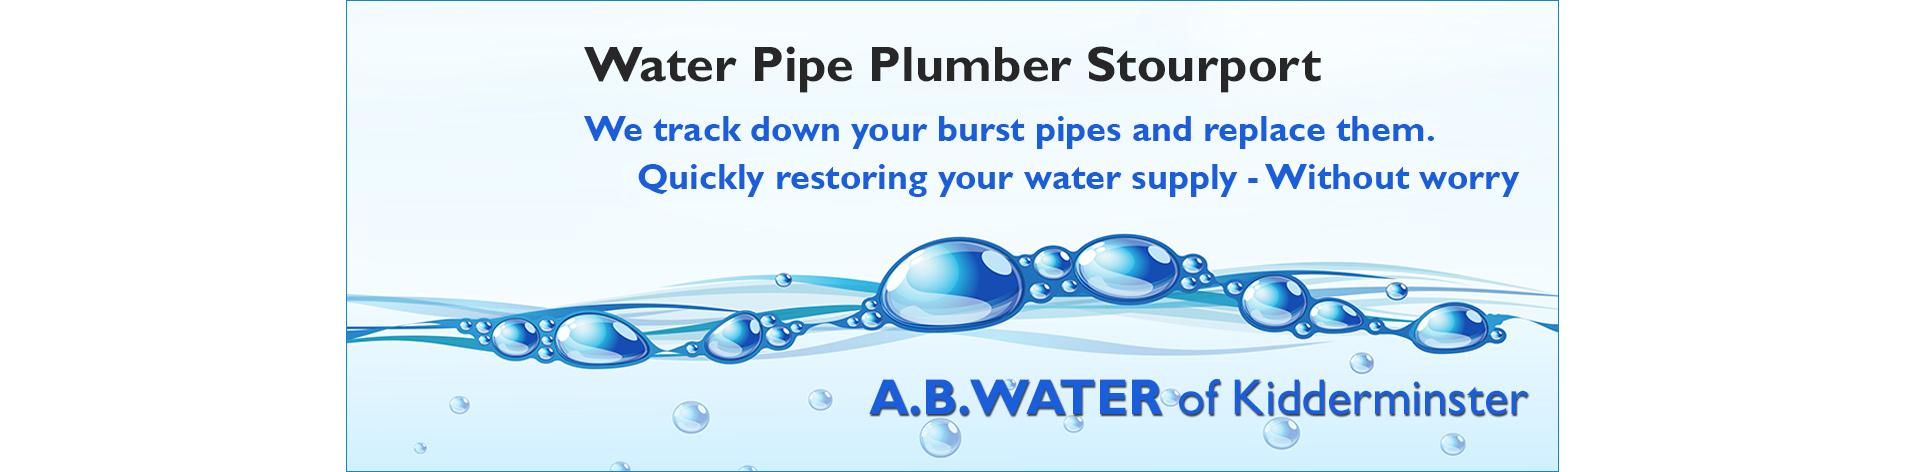 water-leak-plumber-stourport